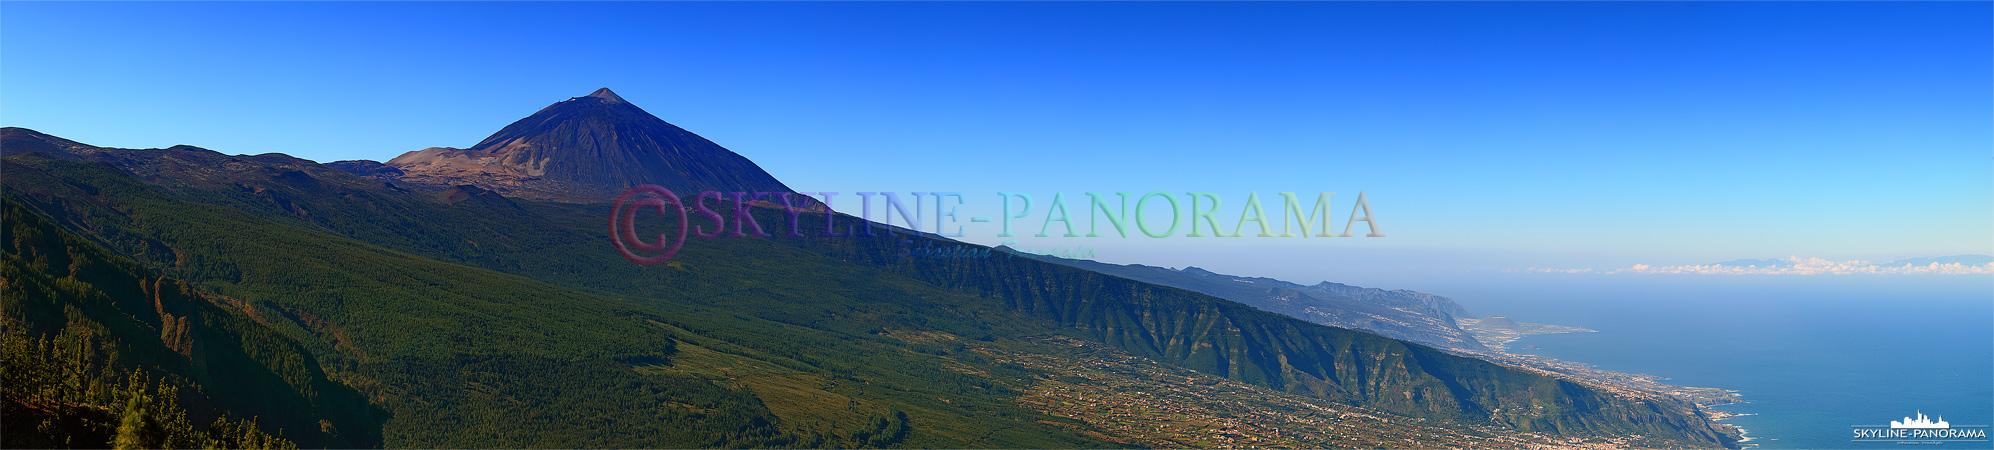 Teide Panorama - Wolkenloser Blick auf den Gipfel des über 3700 Meter hohen Teide.